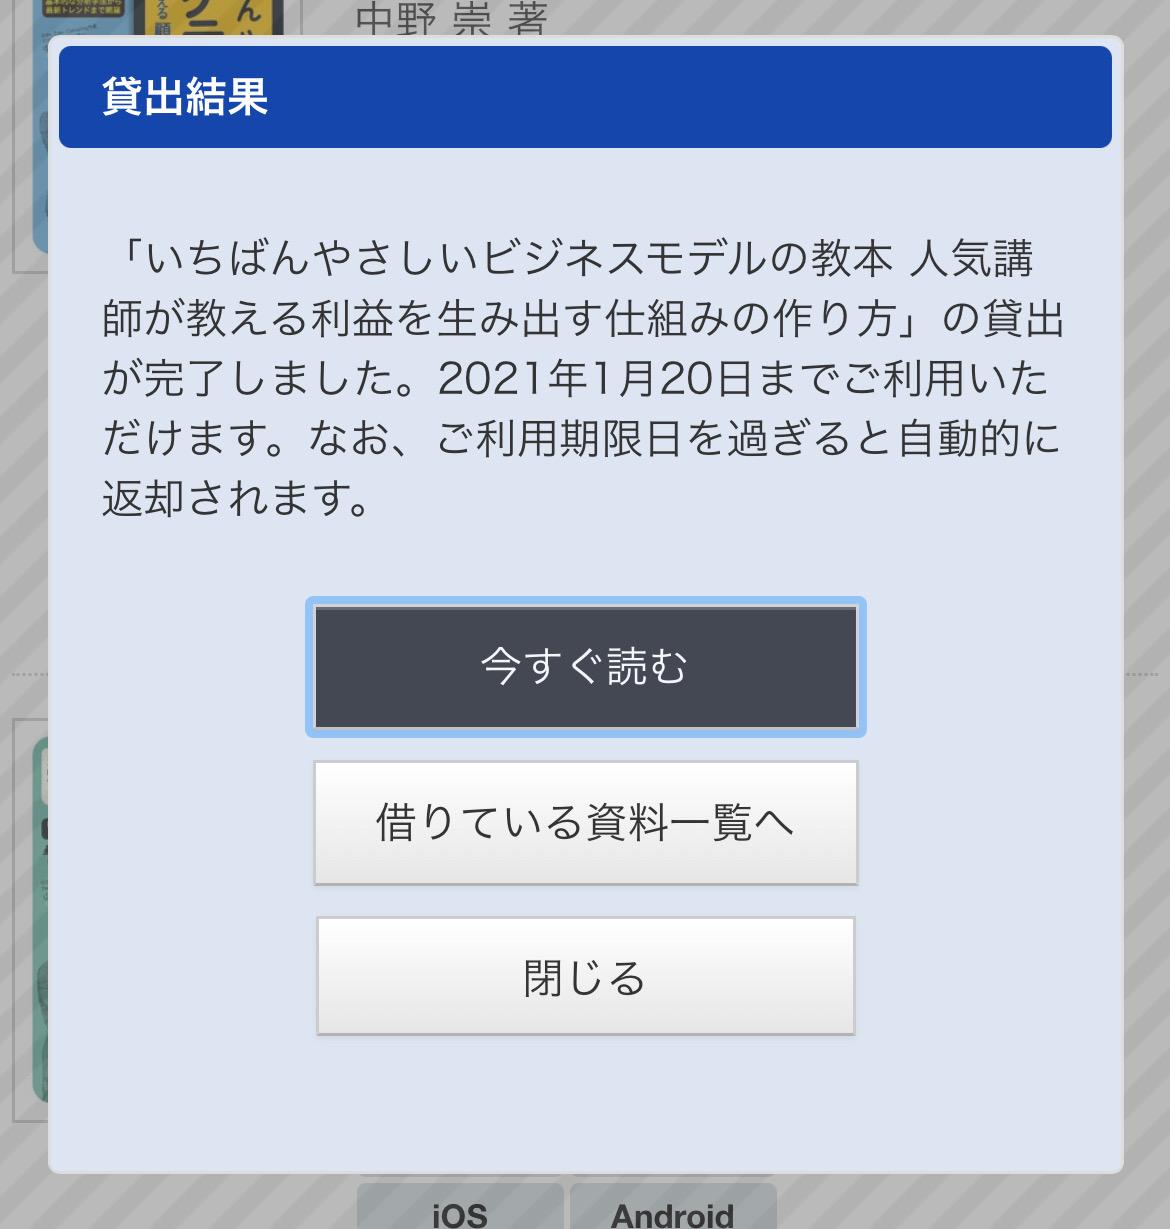 世田谷区 電子図書館(電子書籍サービス)の本の貸し出し画面